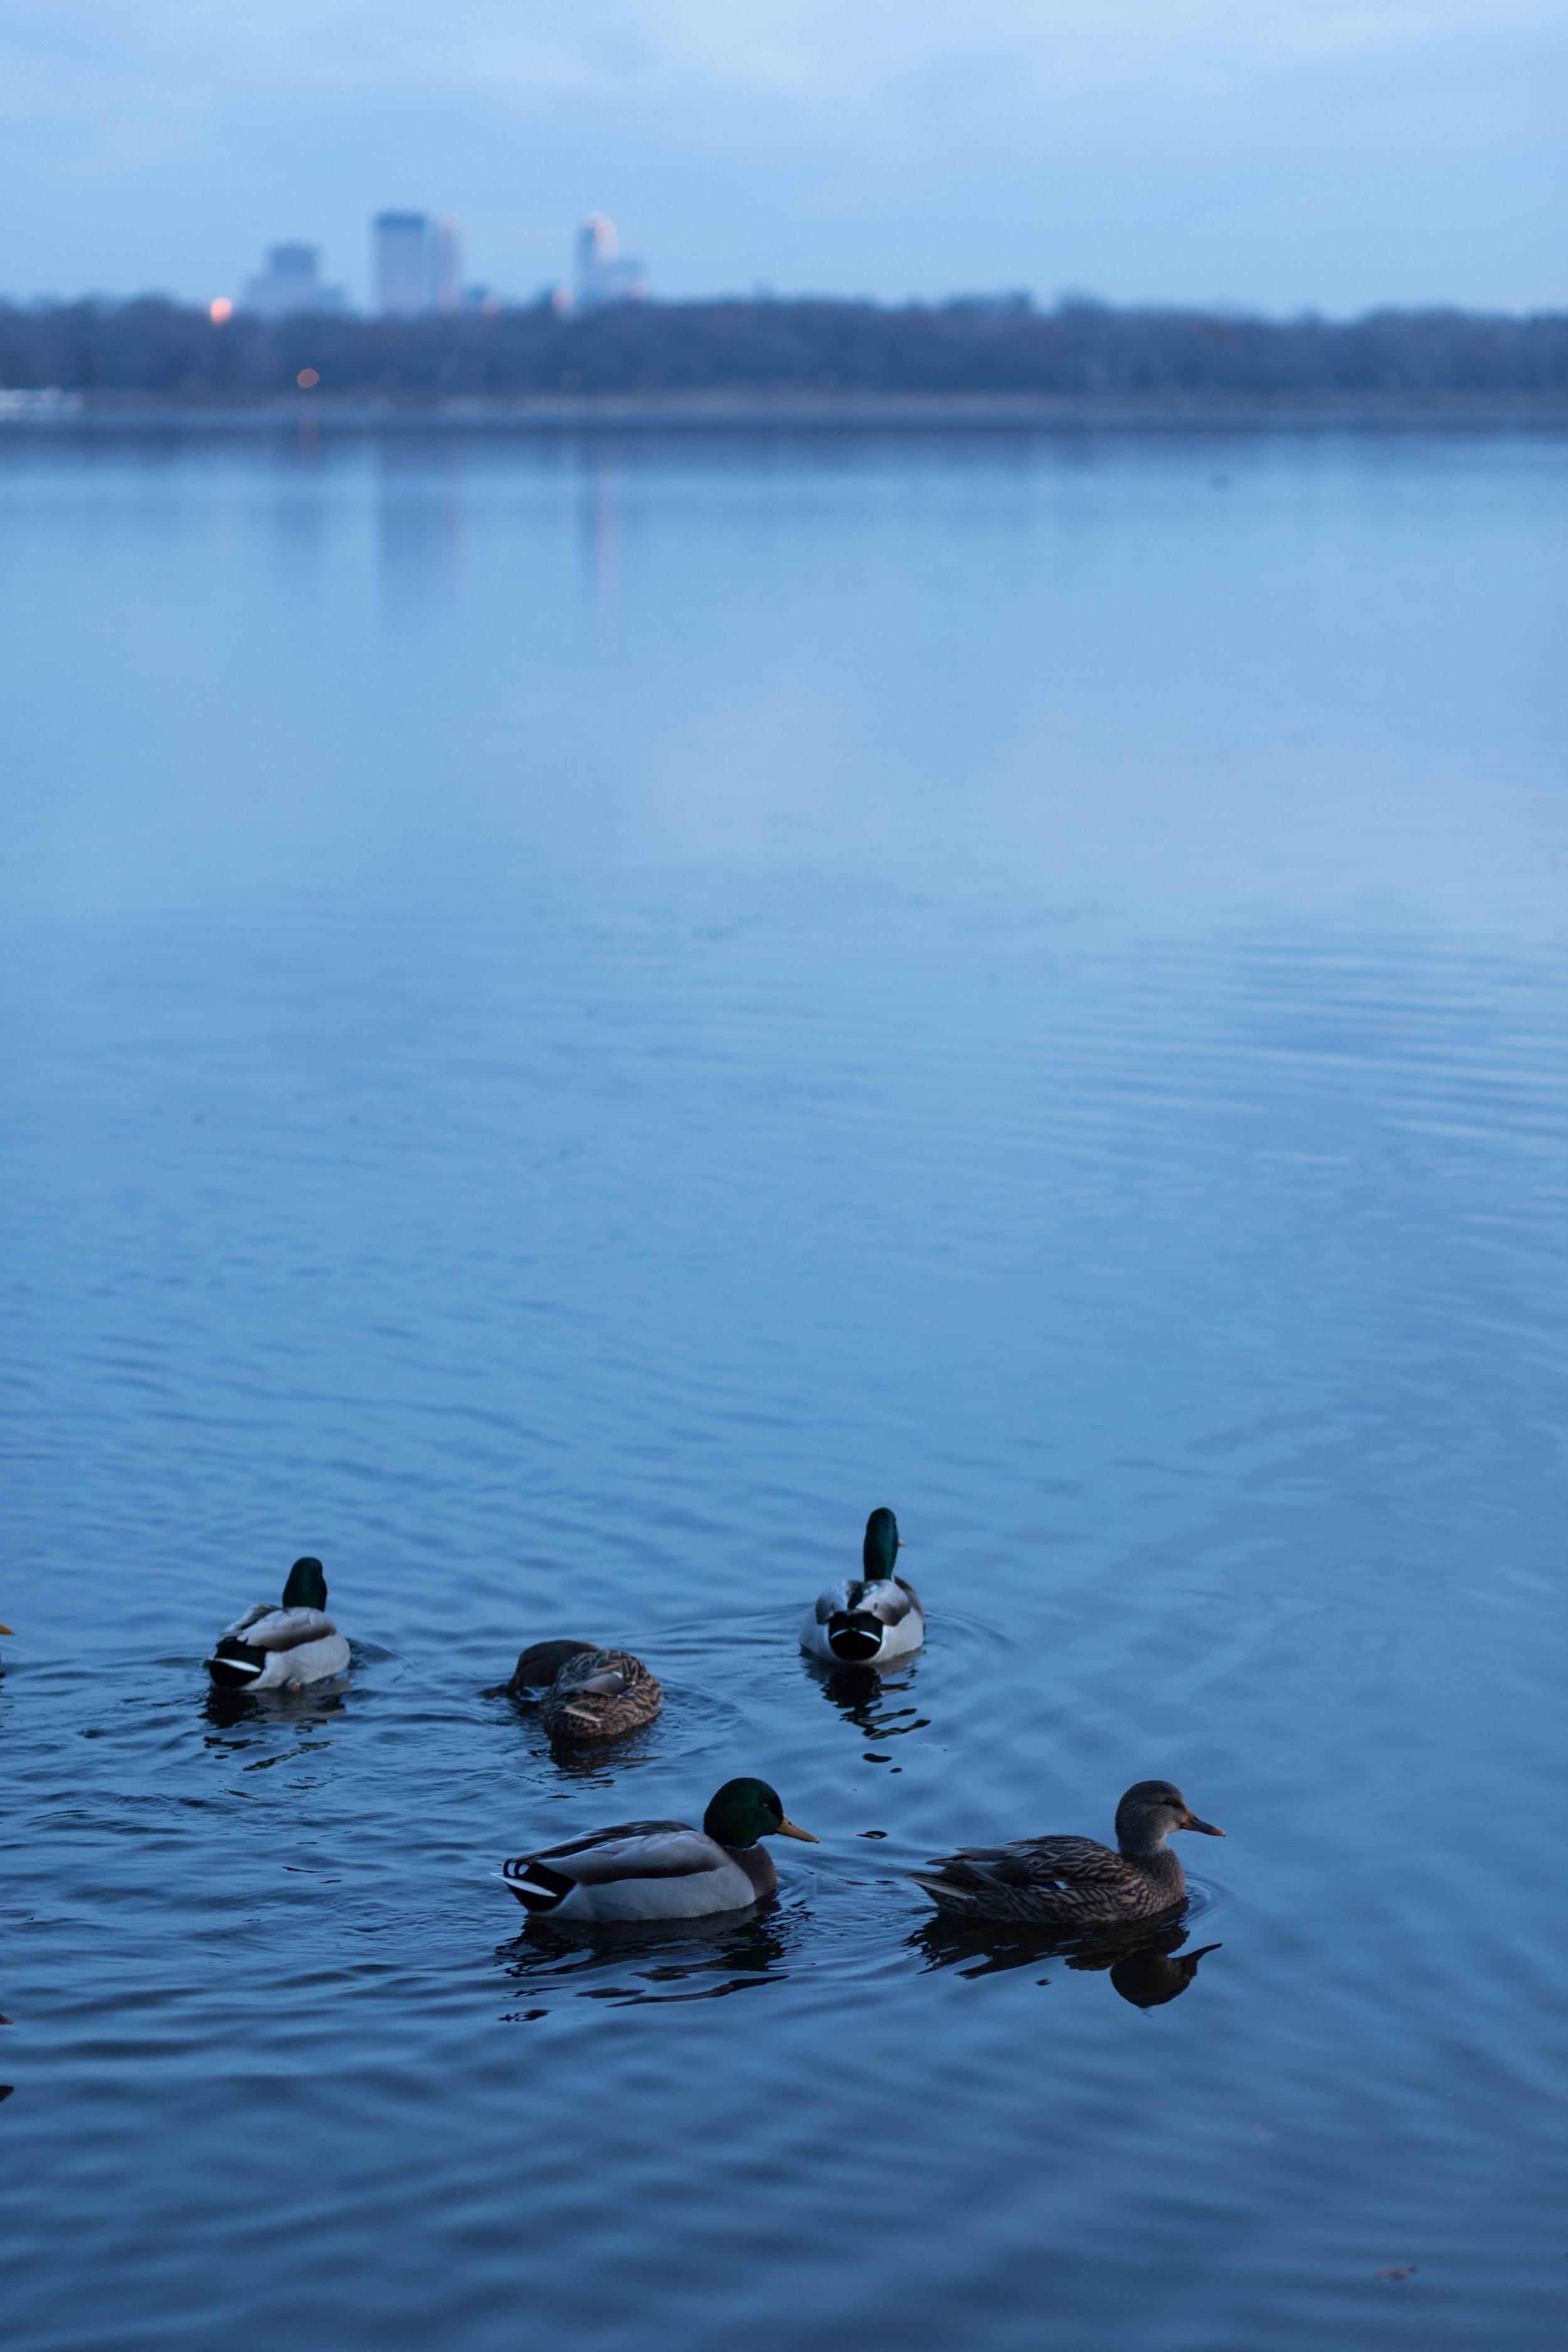 downtown ducks - minneapolis